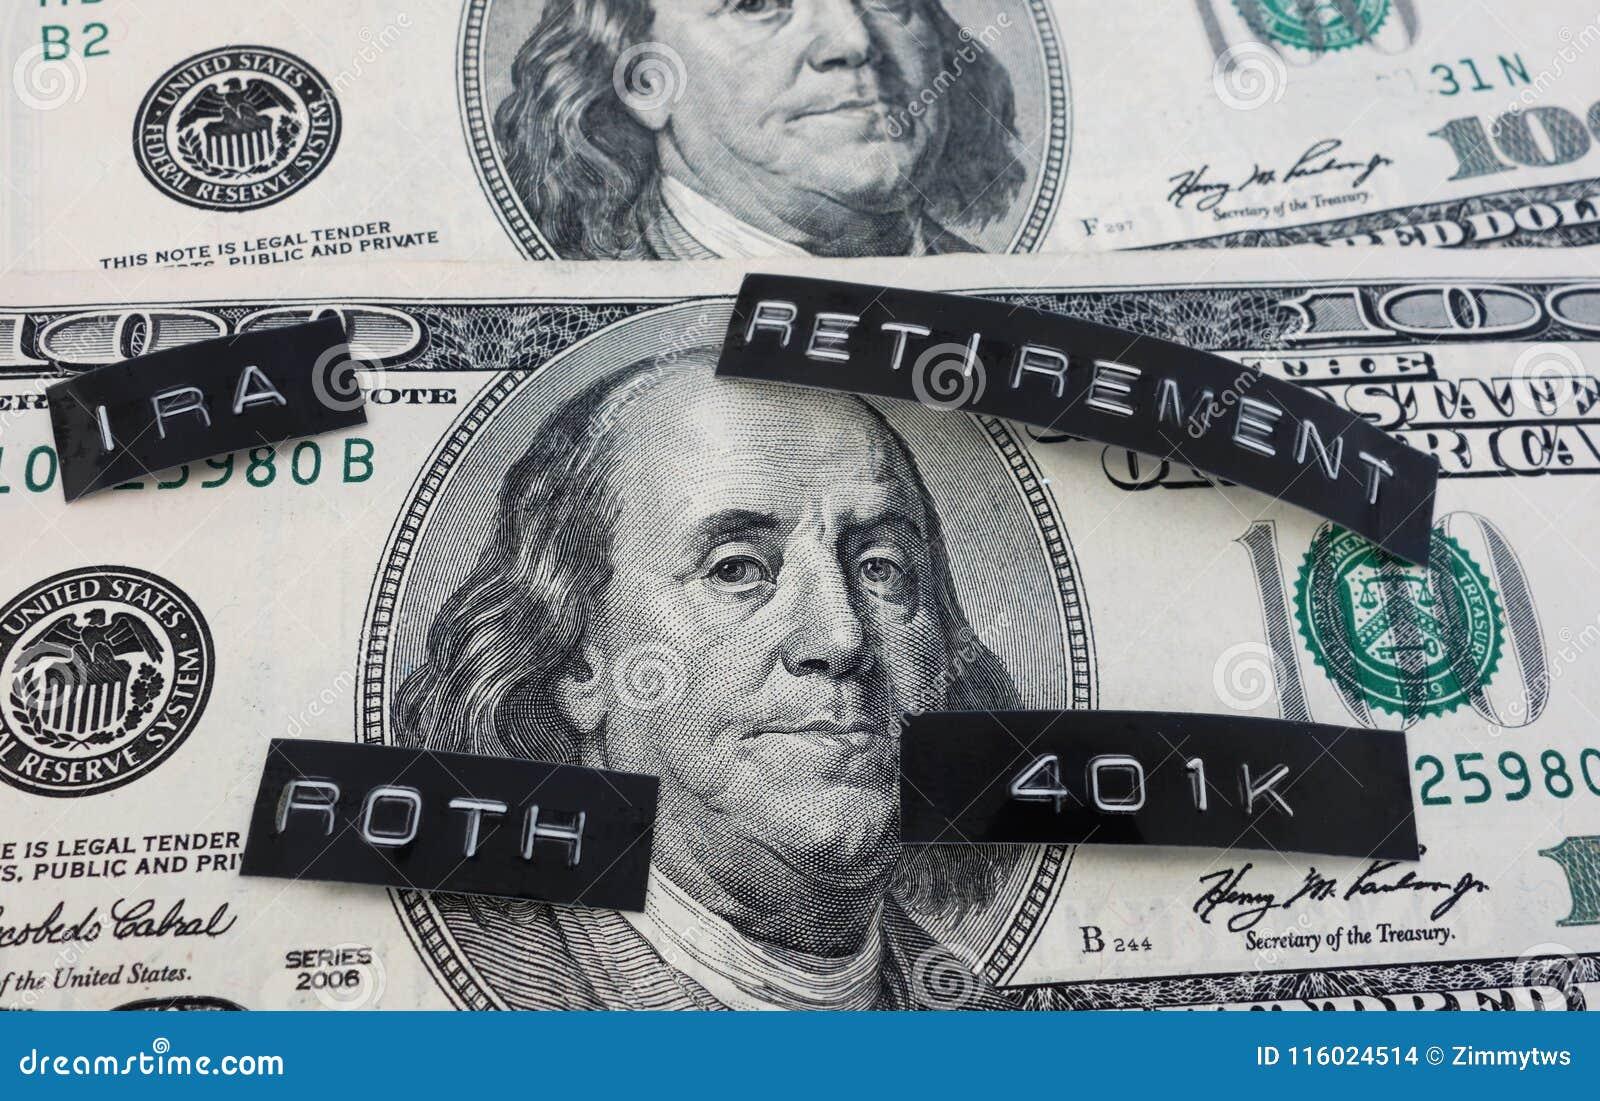 Progettando per il pensionamento